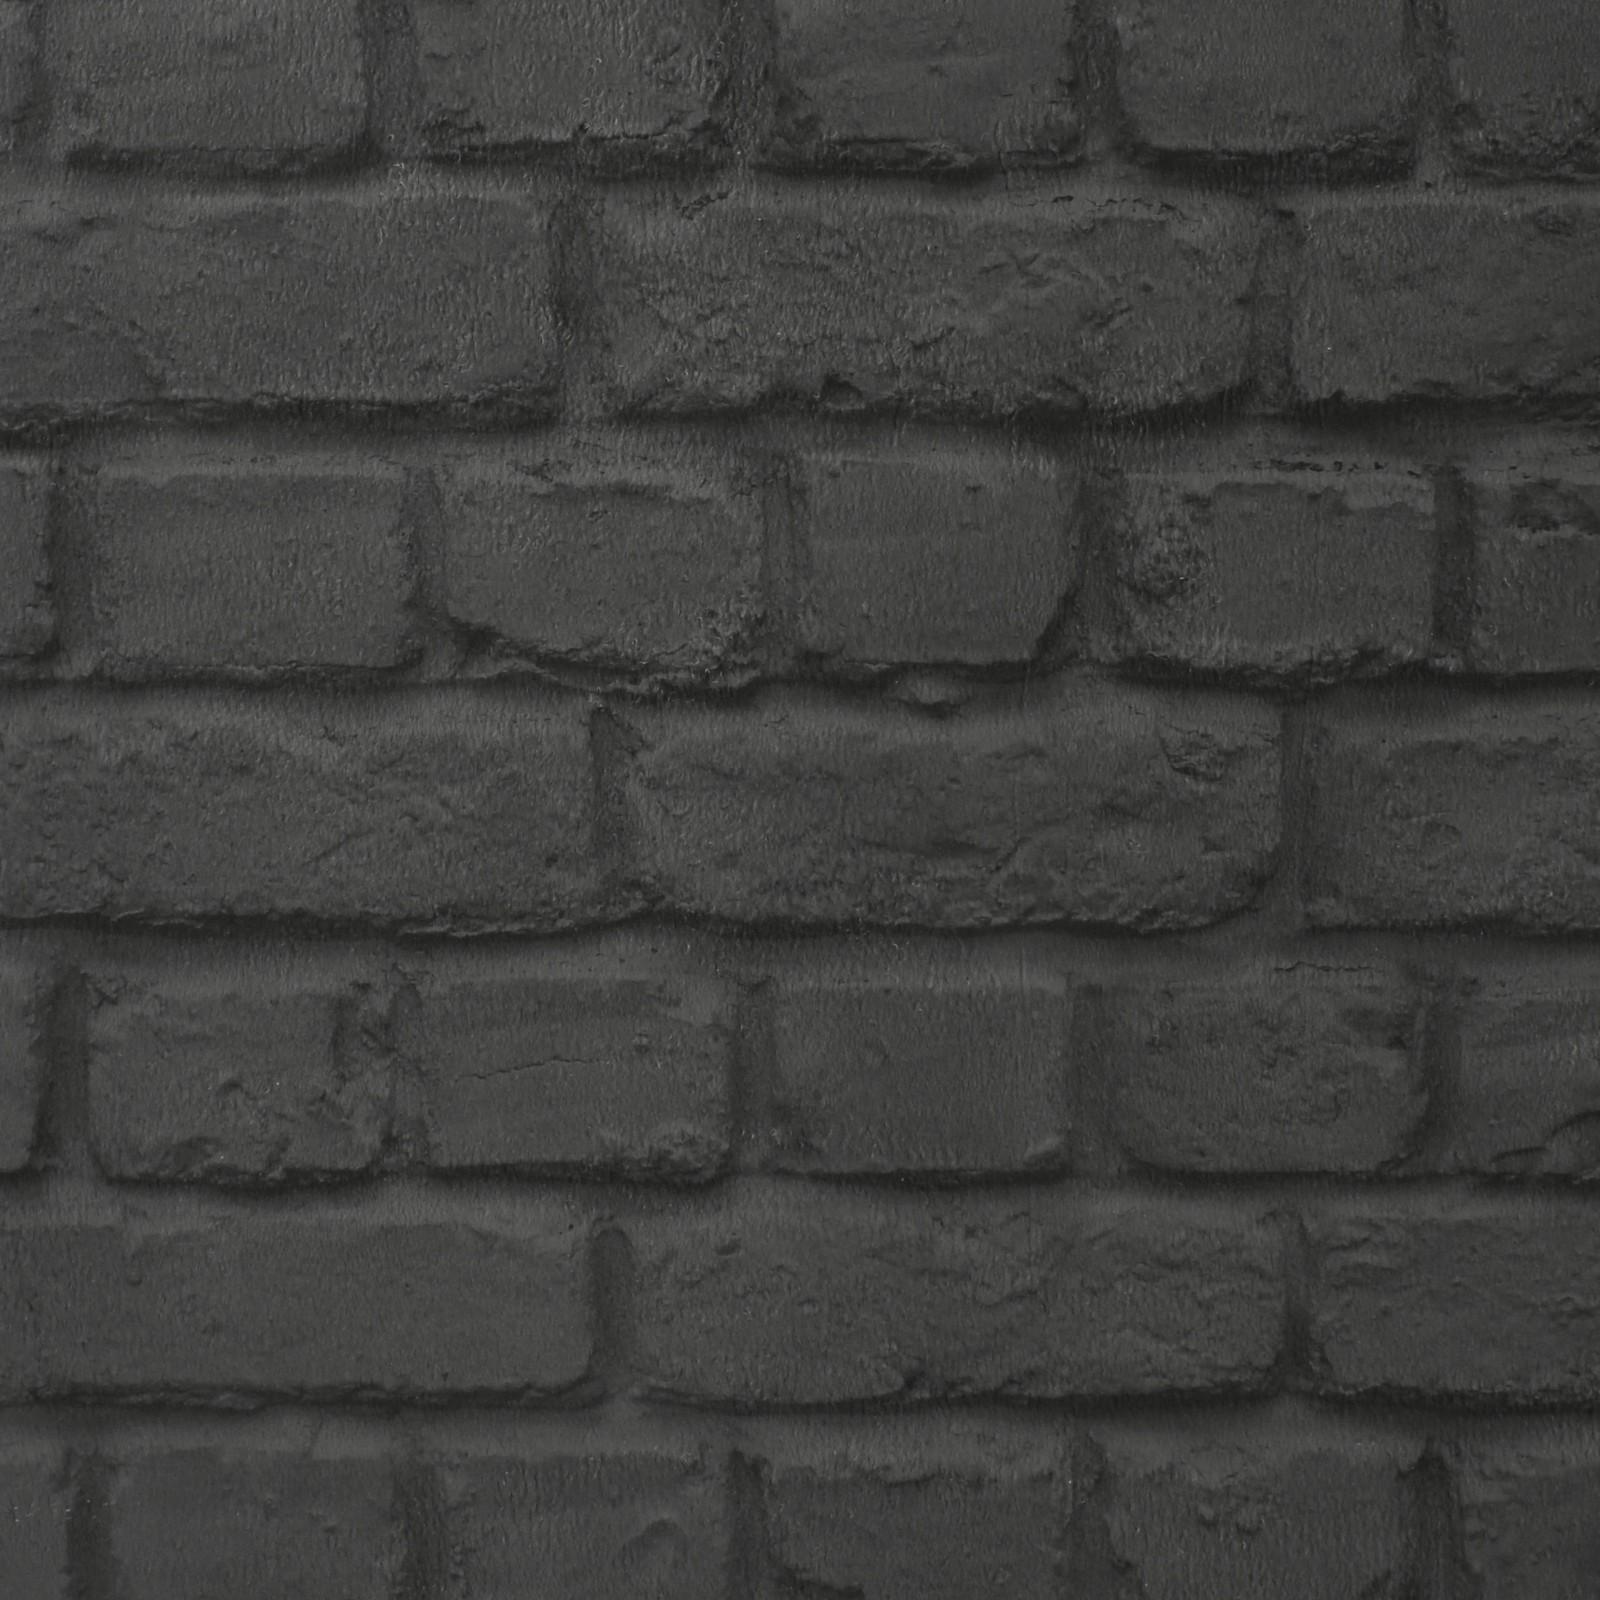 Papiertapete stein steinwand rasch schwarz 226744 - Steinwand anthrazit ...